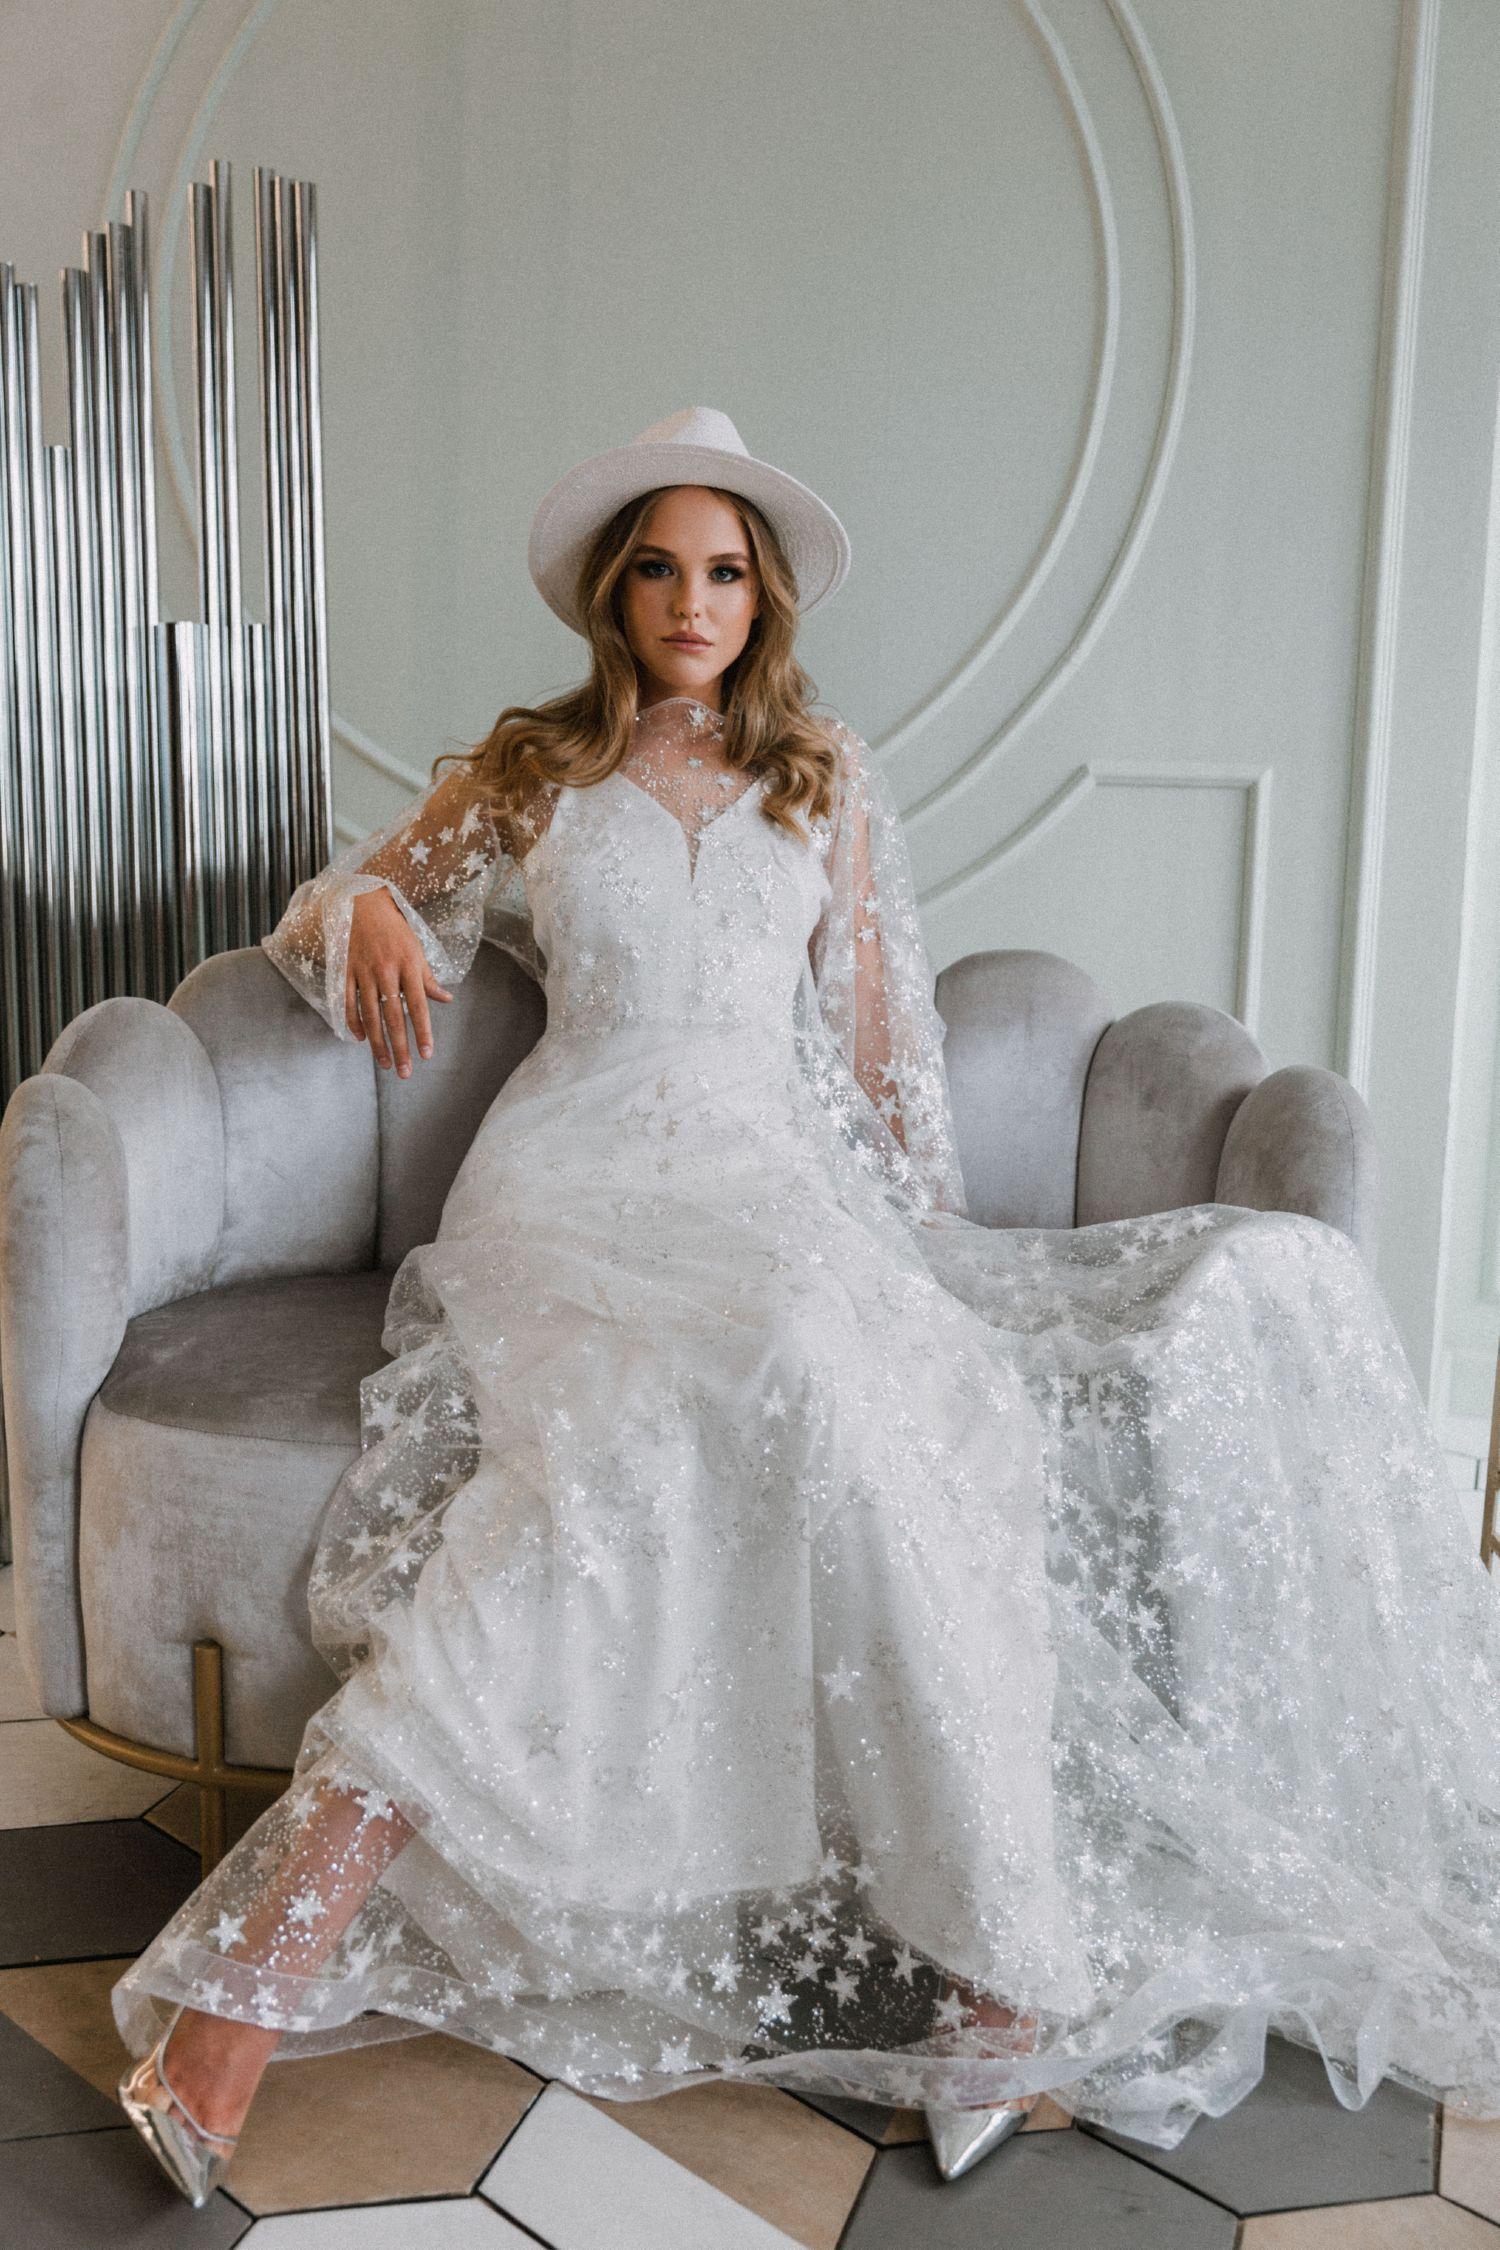 Bohemian Wedding Gown By Dream Dress Mesh Bridal Dress Summer Reception Gown Light Star Dr Trendy Wedding Dresses Bohemian Wedding Gown Wedding Dress Trends [ 2250 x 1500 Pixel ]